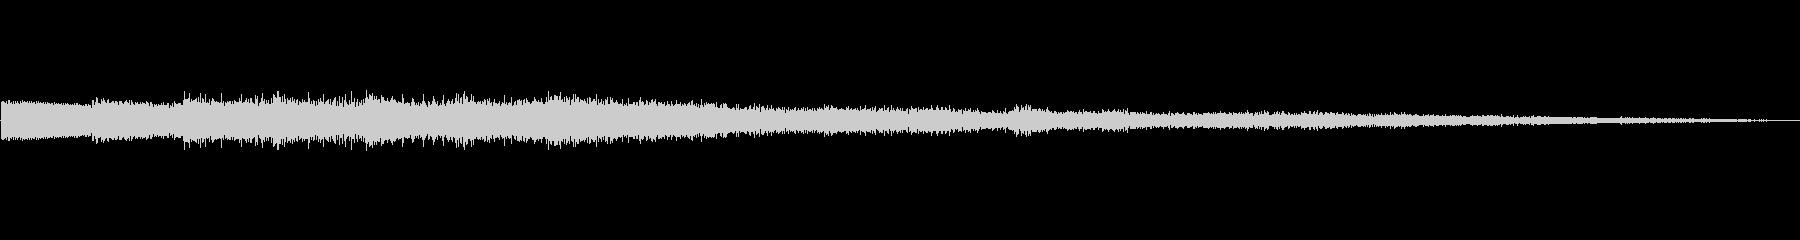 ピロリロリロリン レベルアップ発見 04の未再生の波形